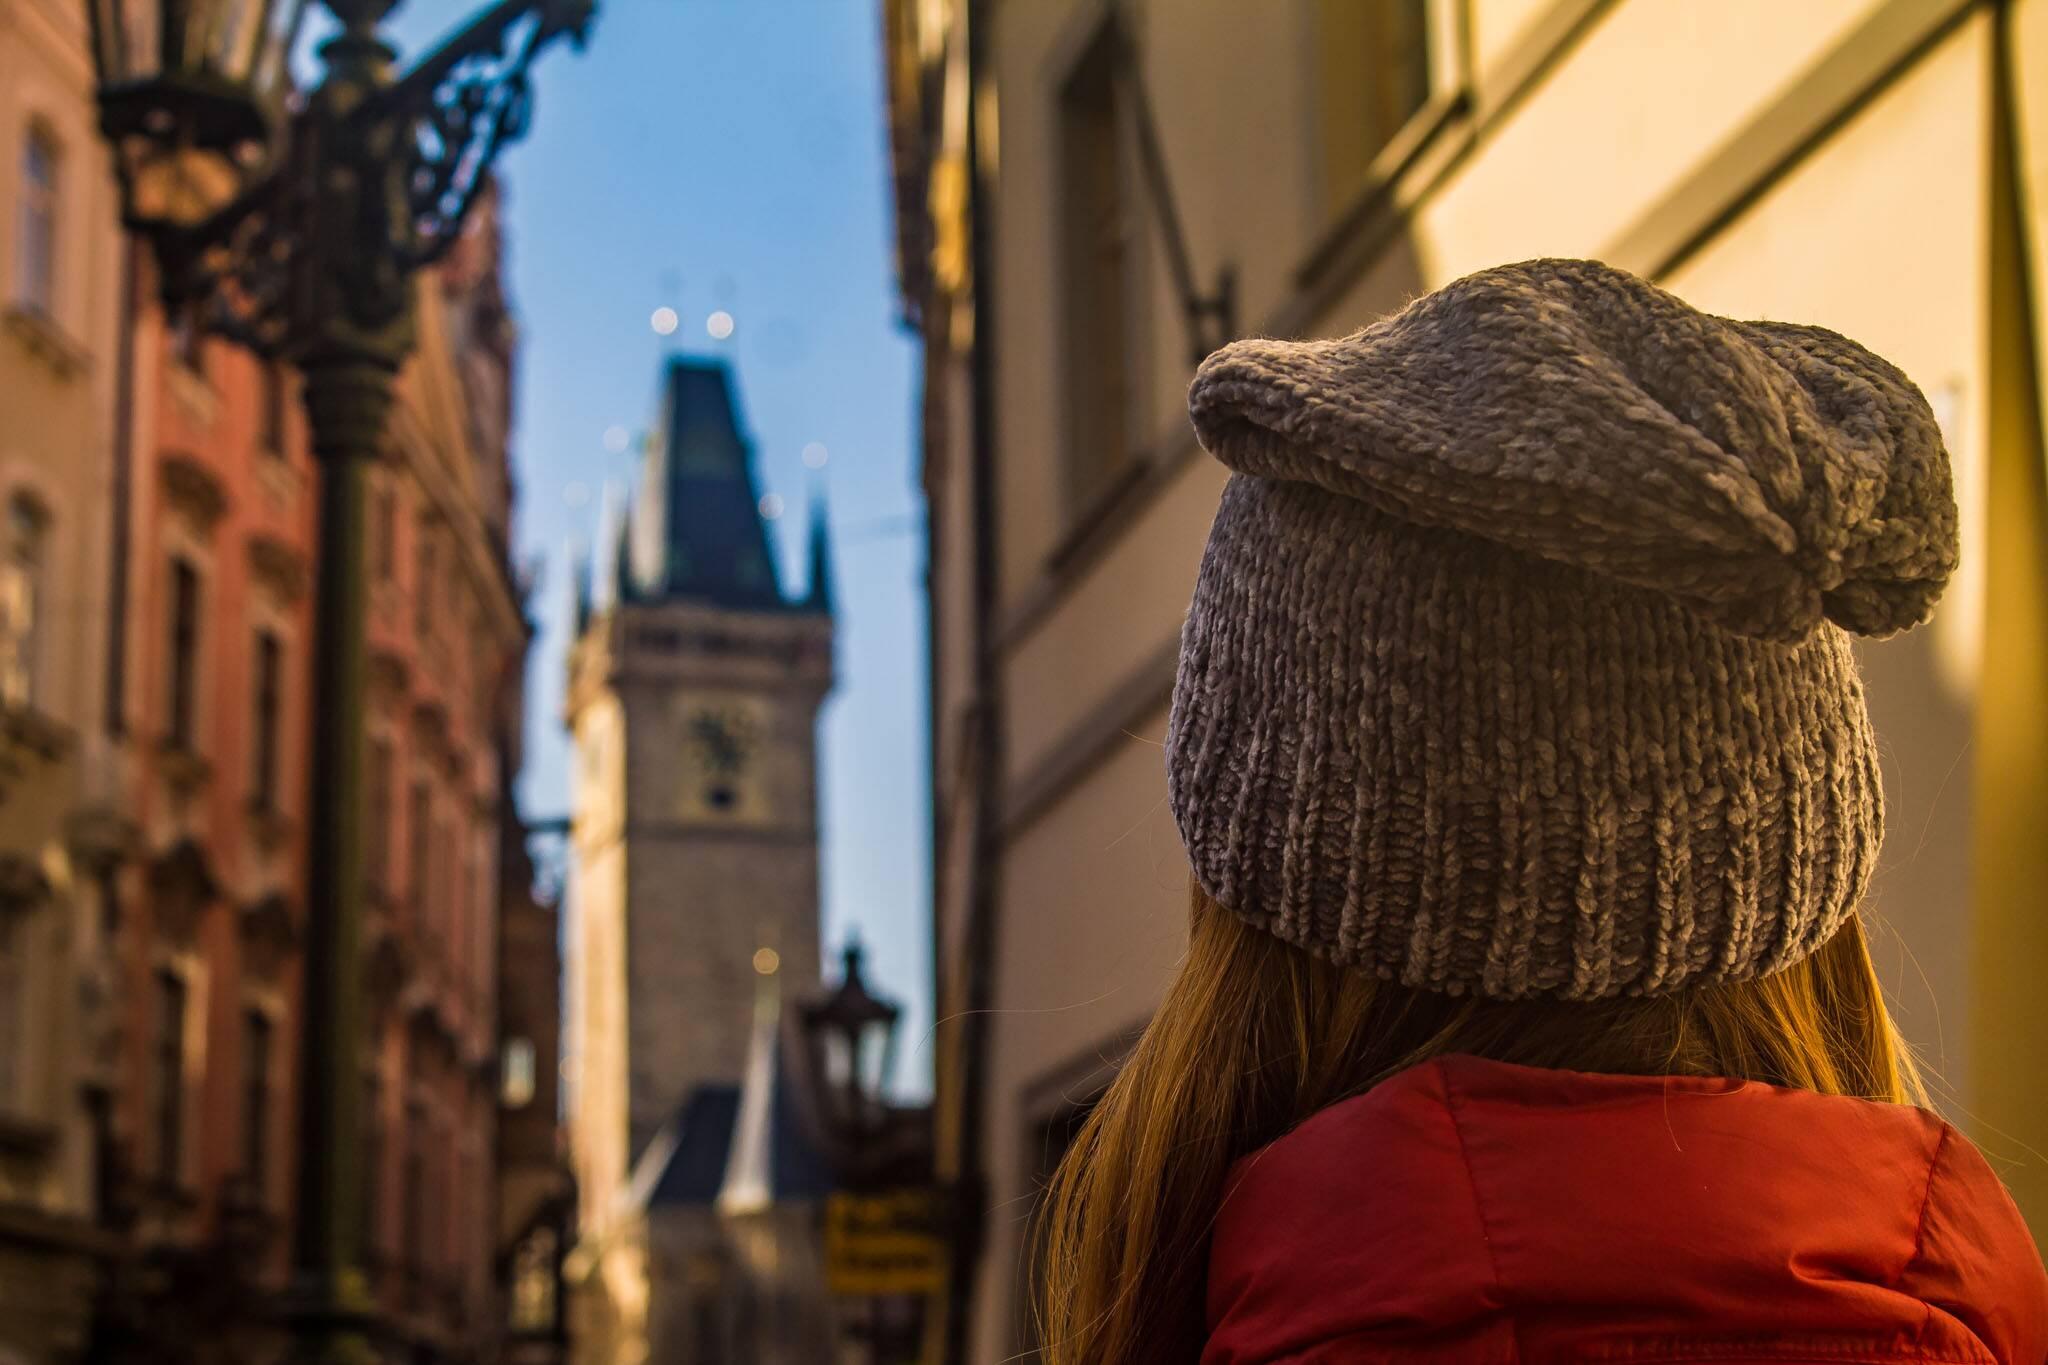 Três dias em Praga com €50 (euros): viajando barato pela Europa